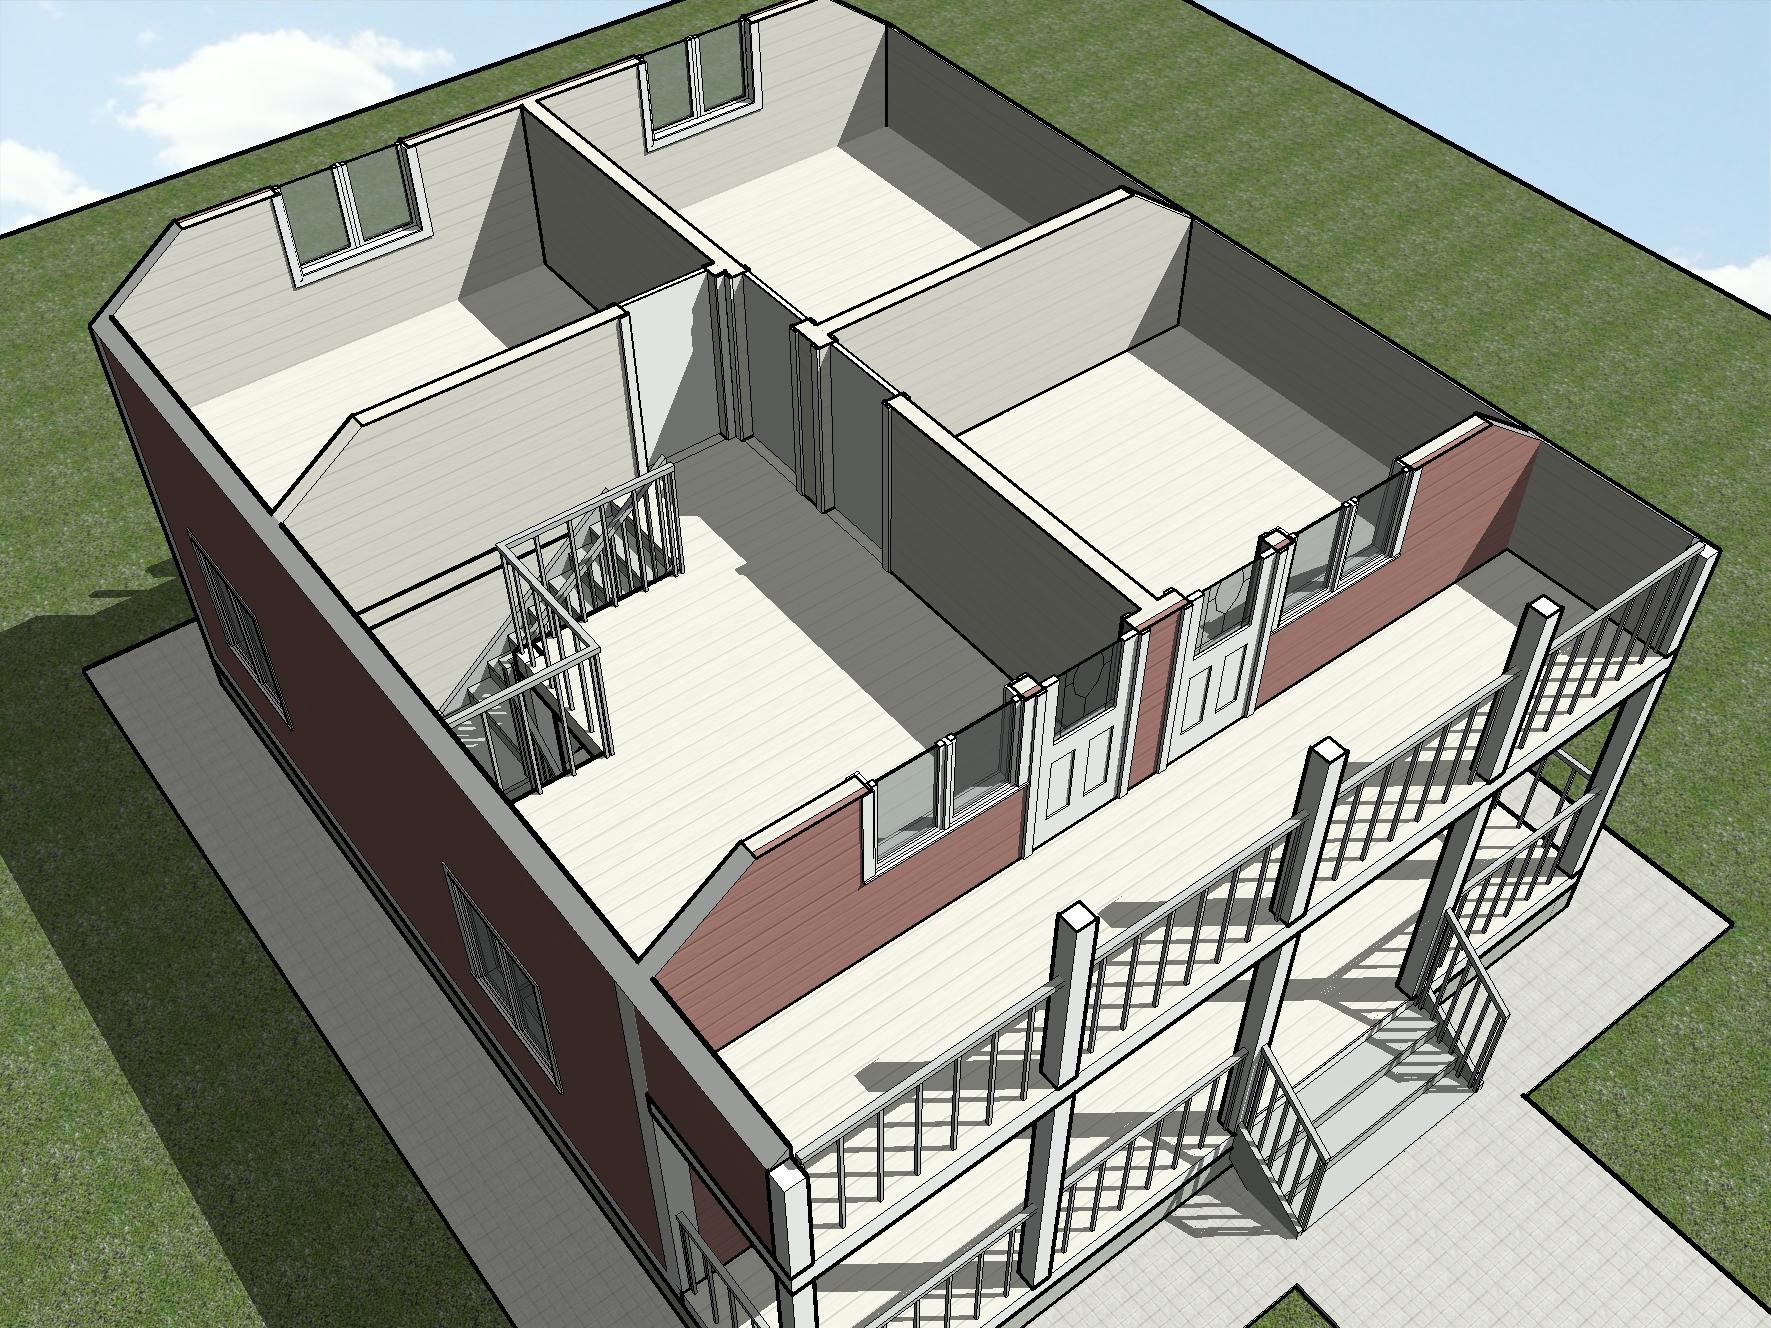 КД-16 - Общий вид 2-го этажа